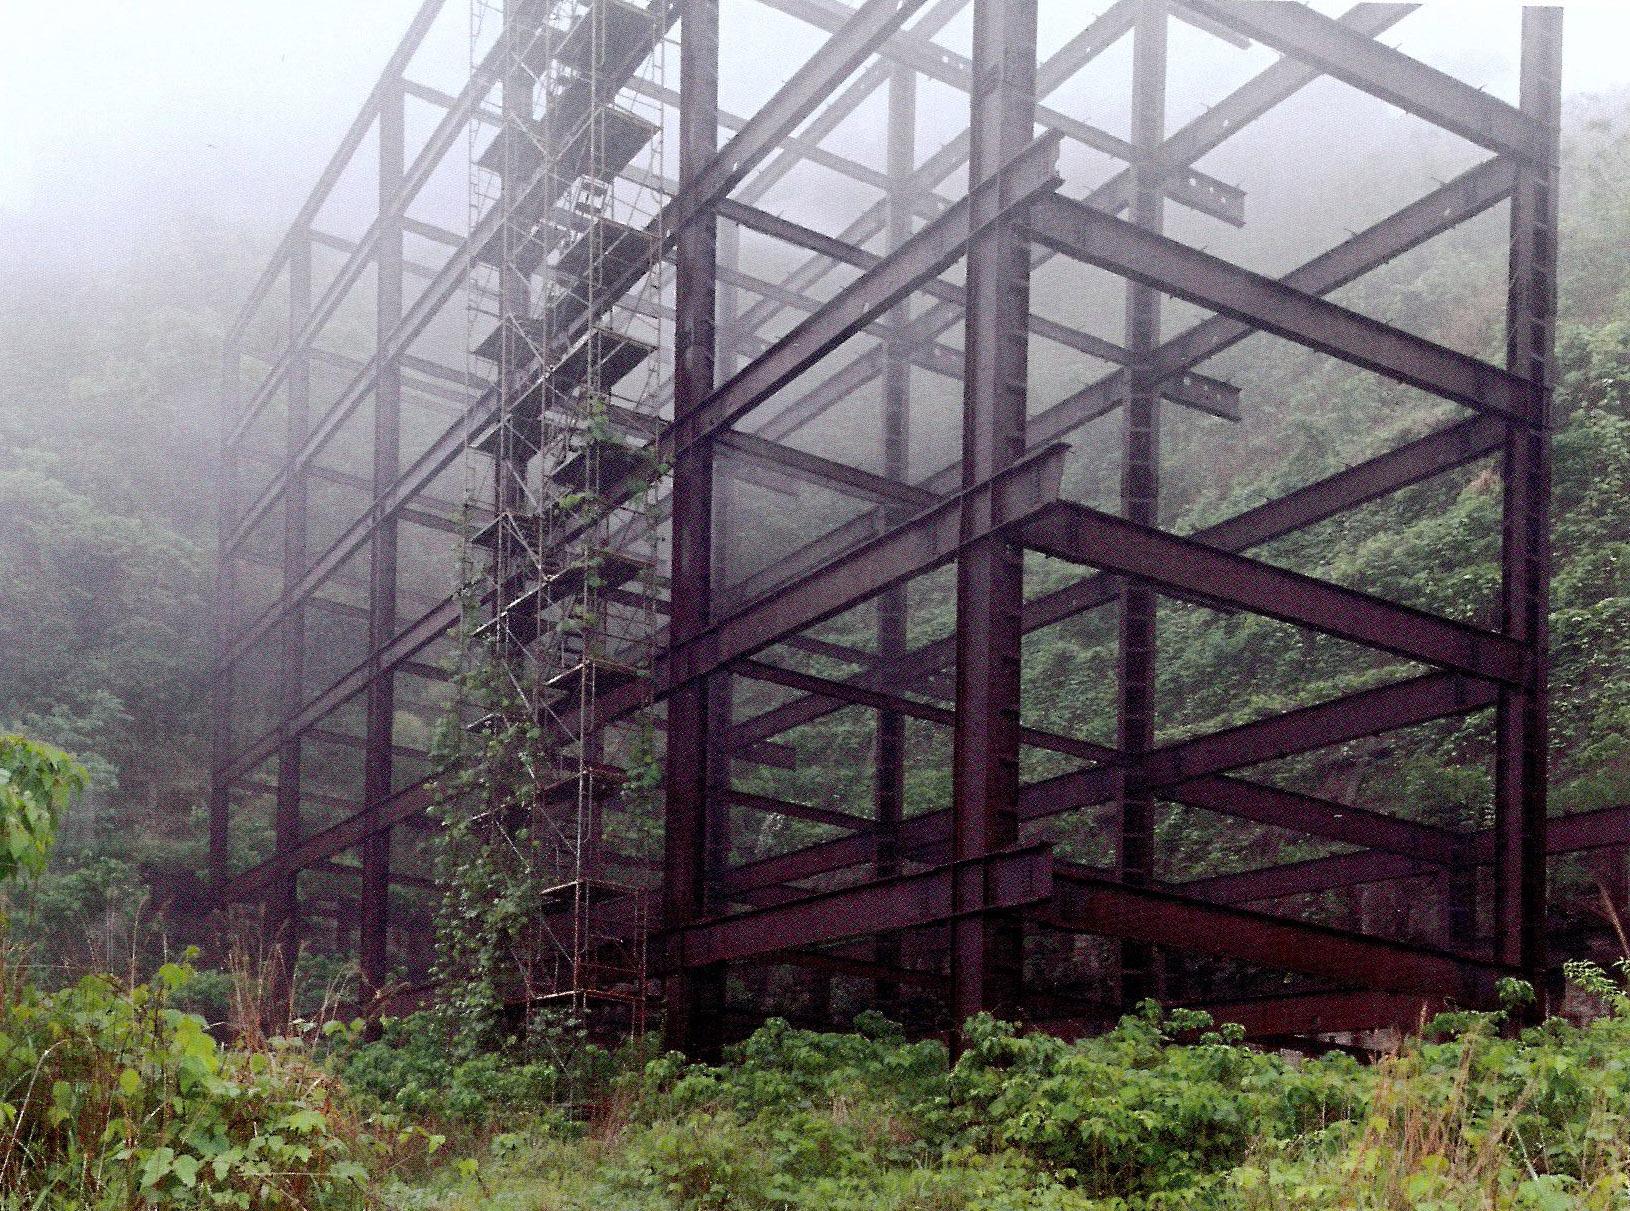 'Guia', una fotografia de l'estructura metàl·lica d'un edifici abandonat a mig fer al Japó.              | Álvaro Sánchez-Montañés